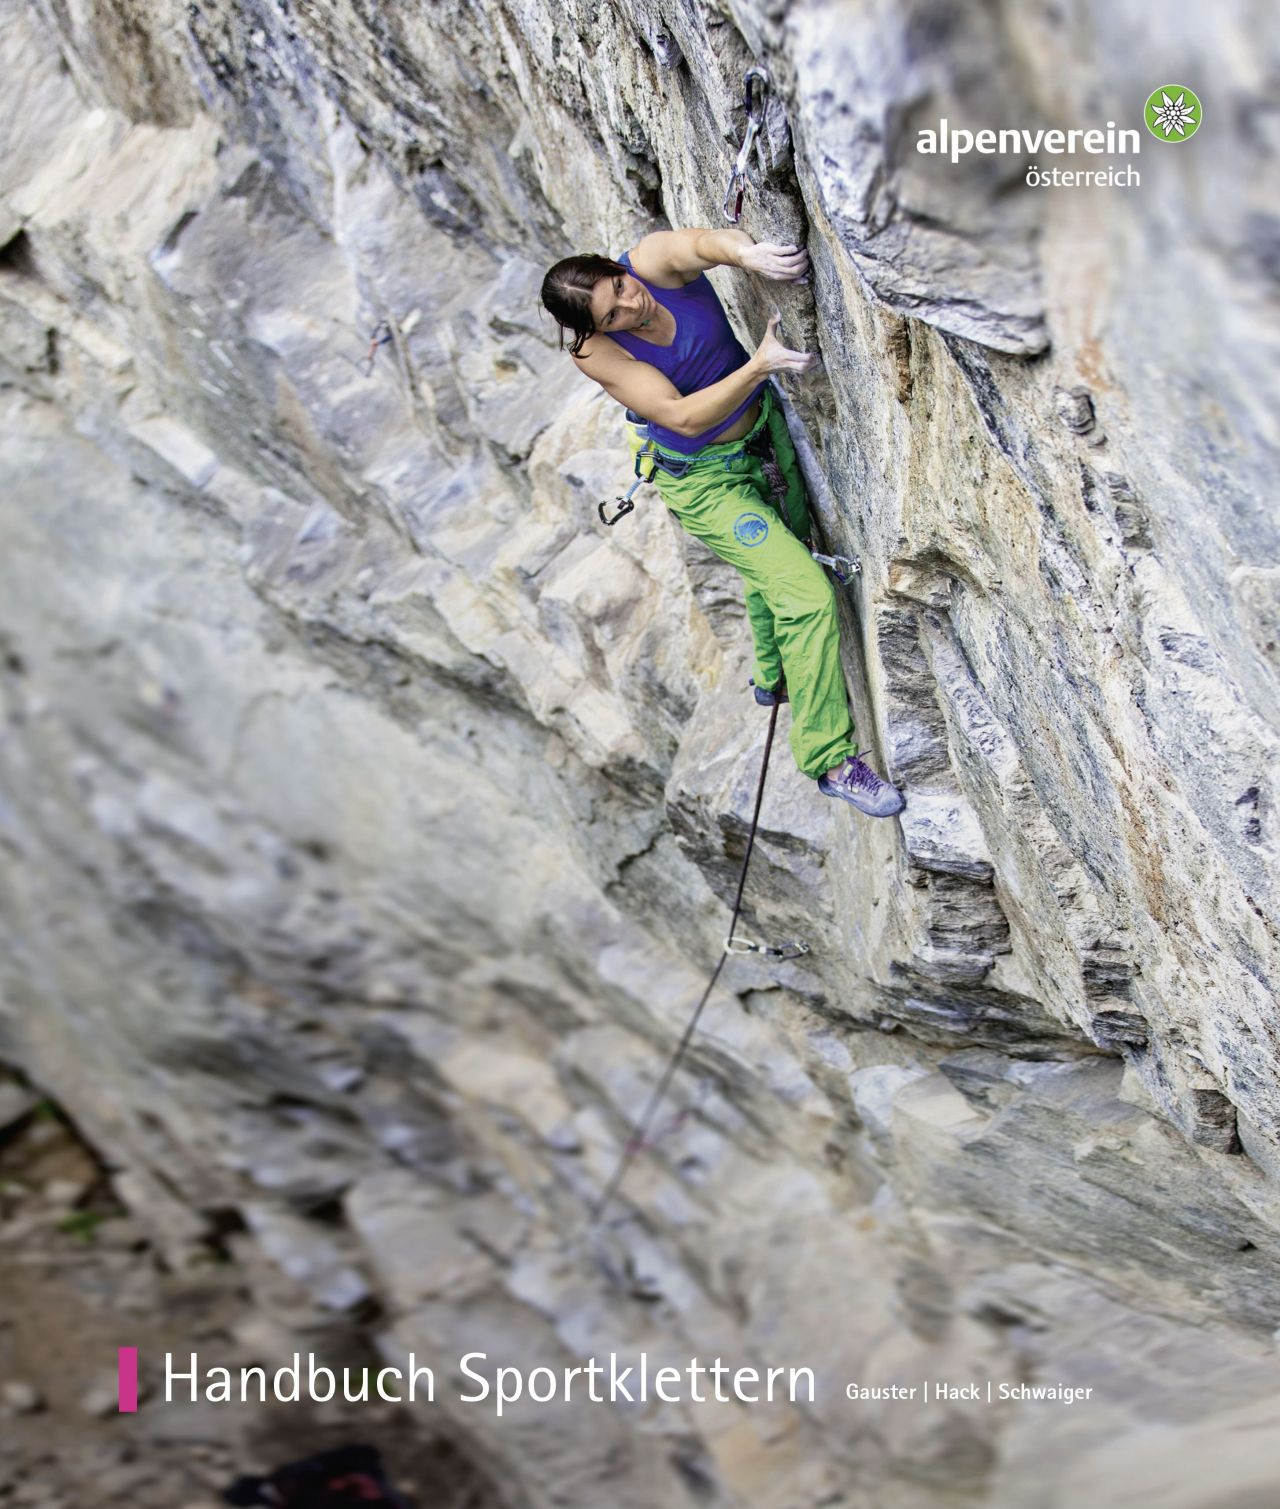 Handbuch Sportklettern, Auflage 3, 2016